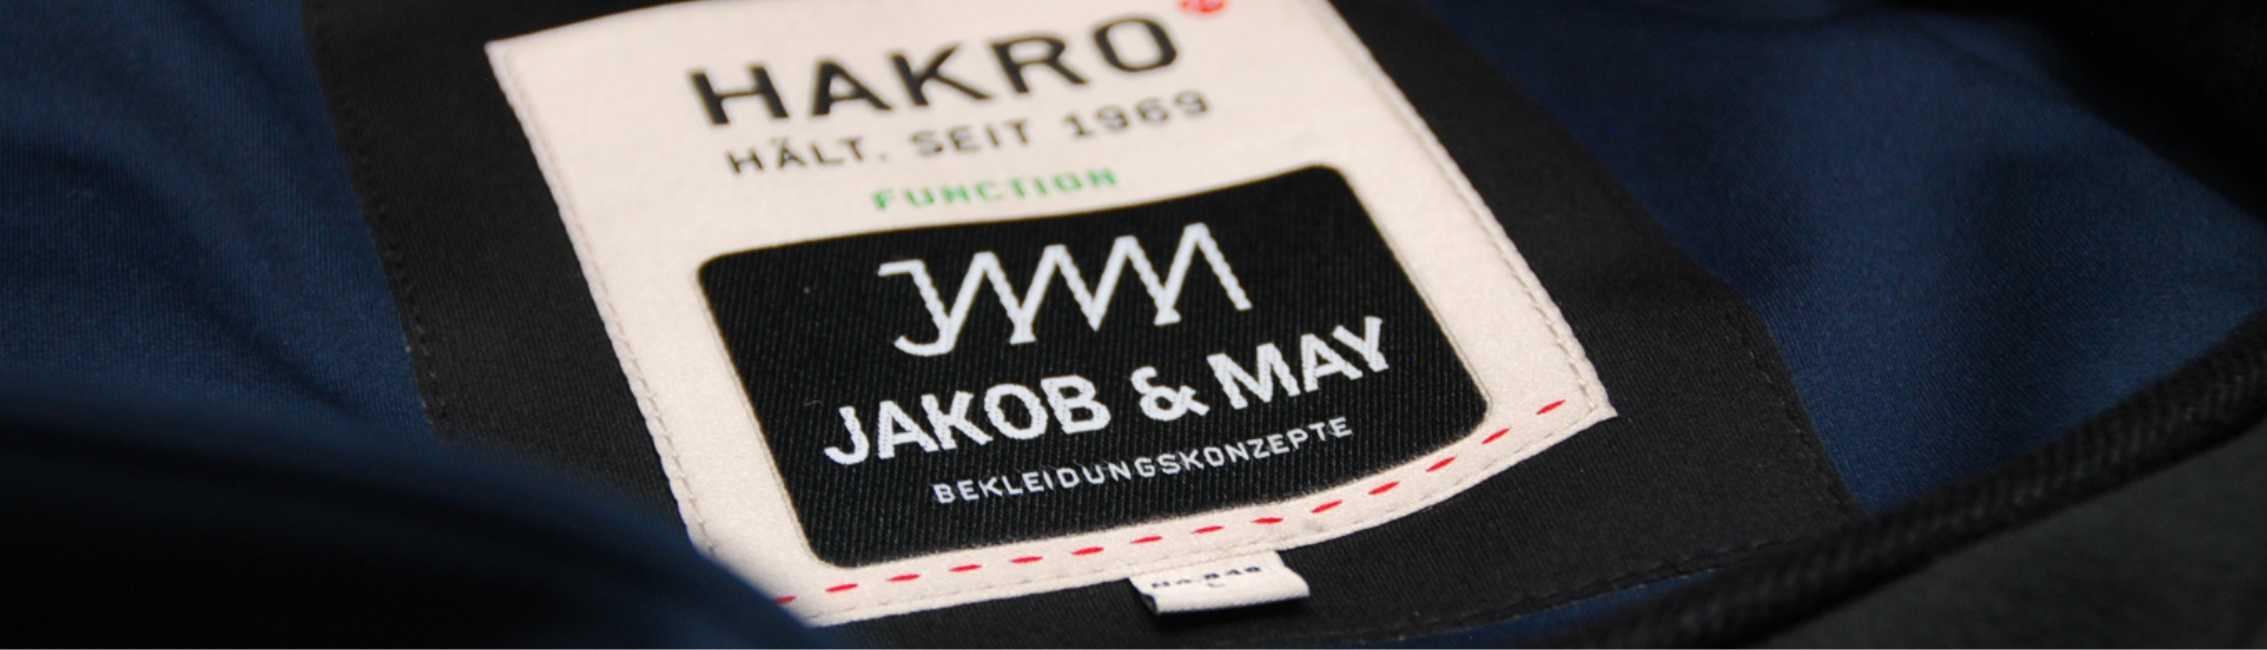 JAKOB & MAY.shop